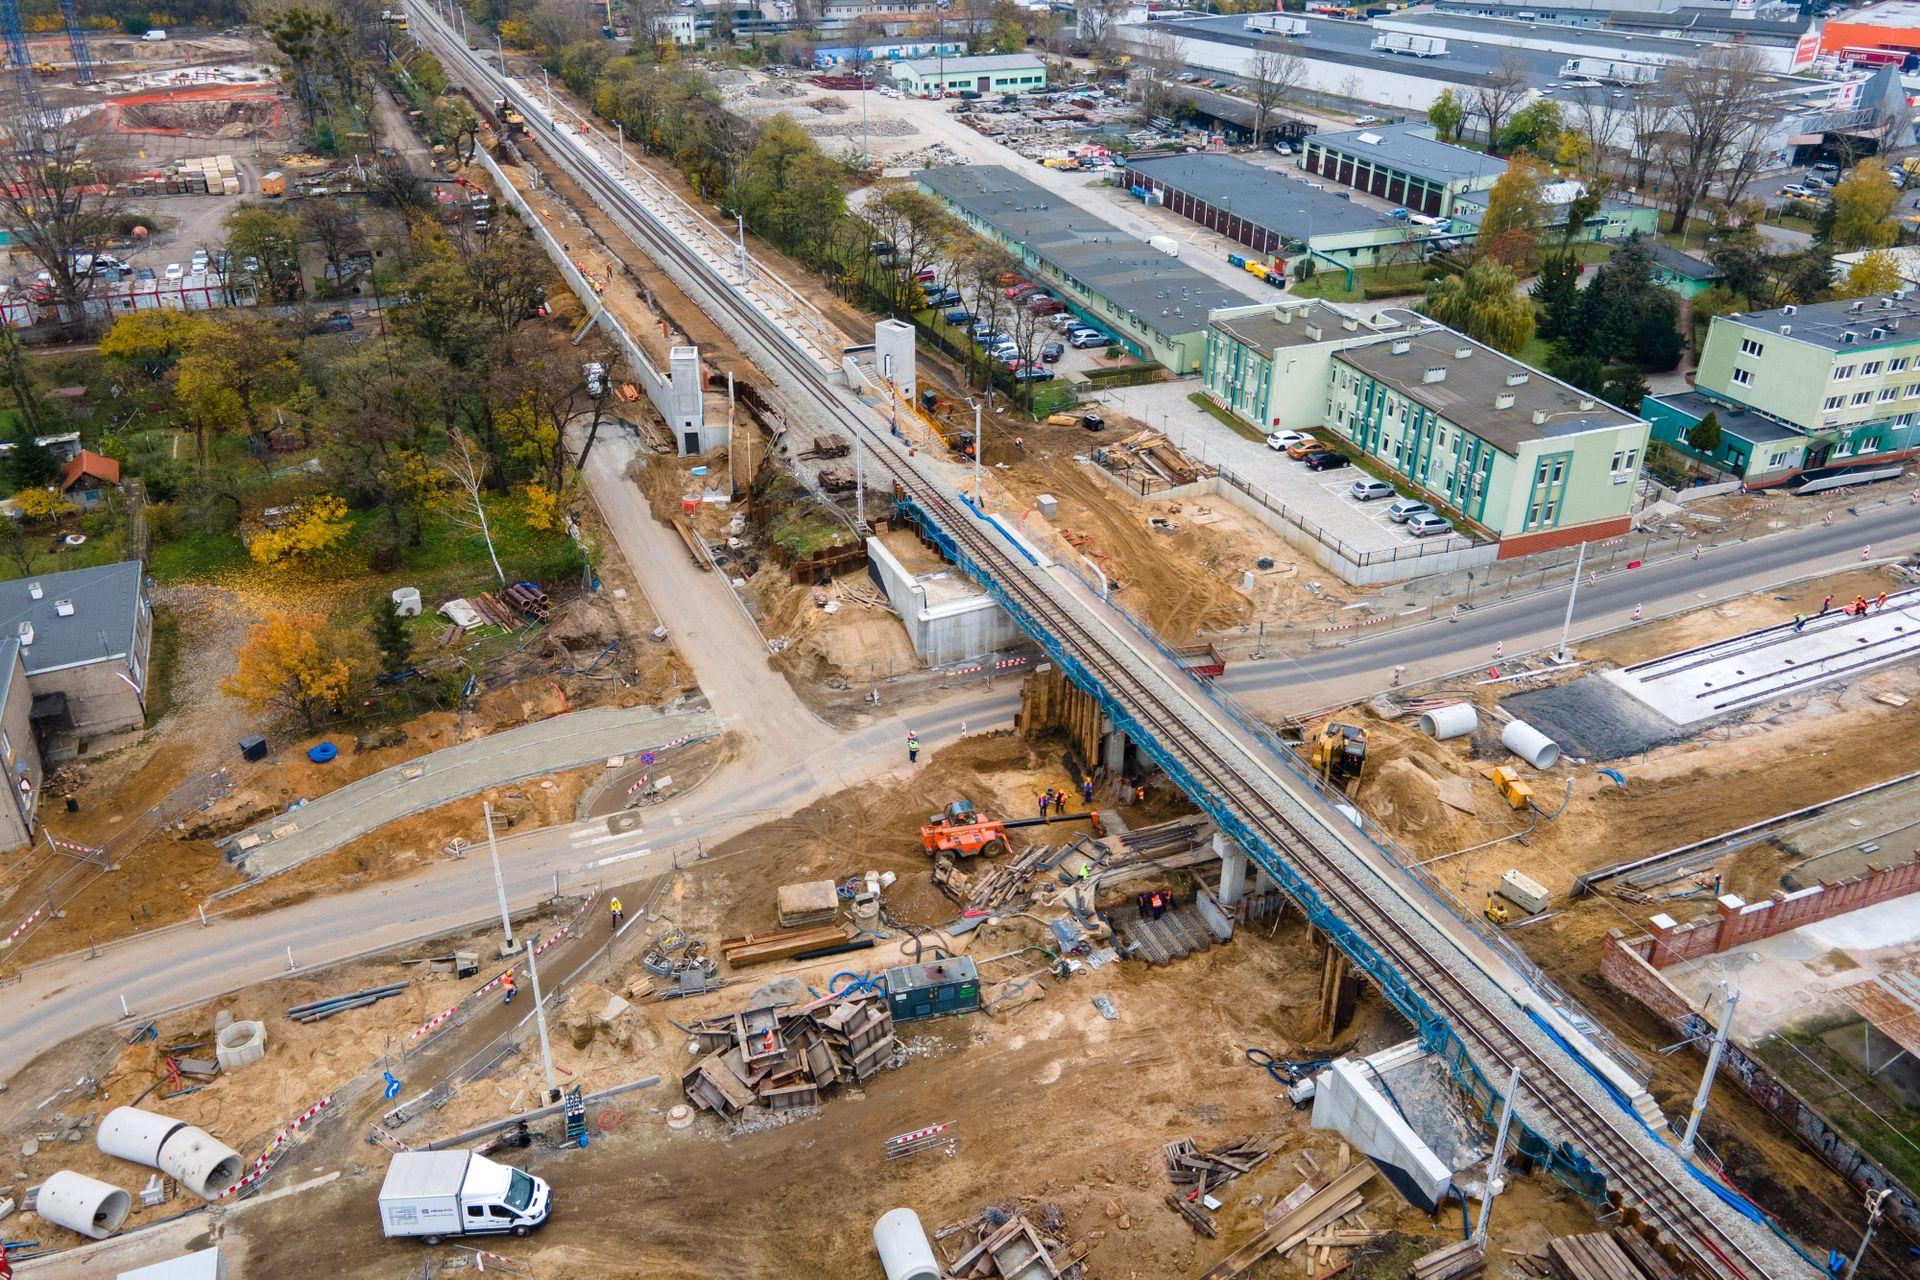 Trwa budowa nowego przystanku kolejowego Wrocław Szczepin